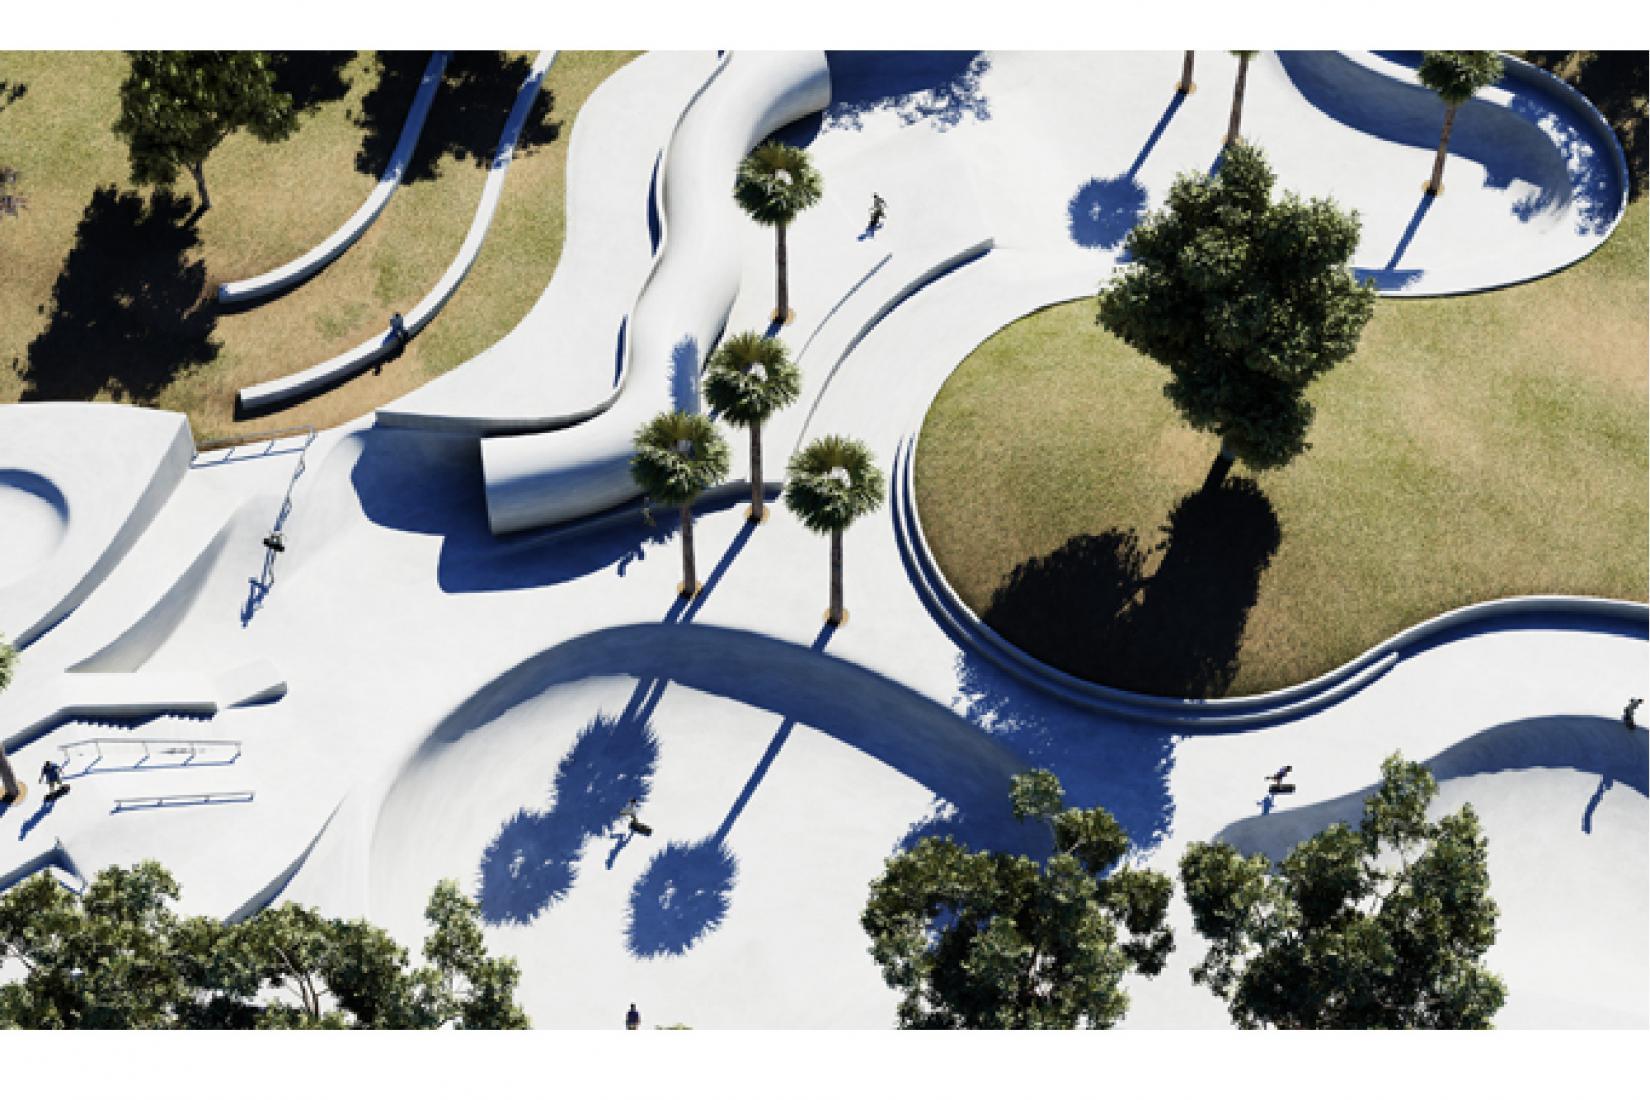 גן הפעמון ירושלים 2010